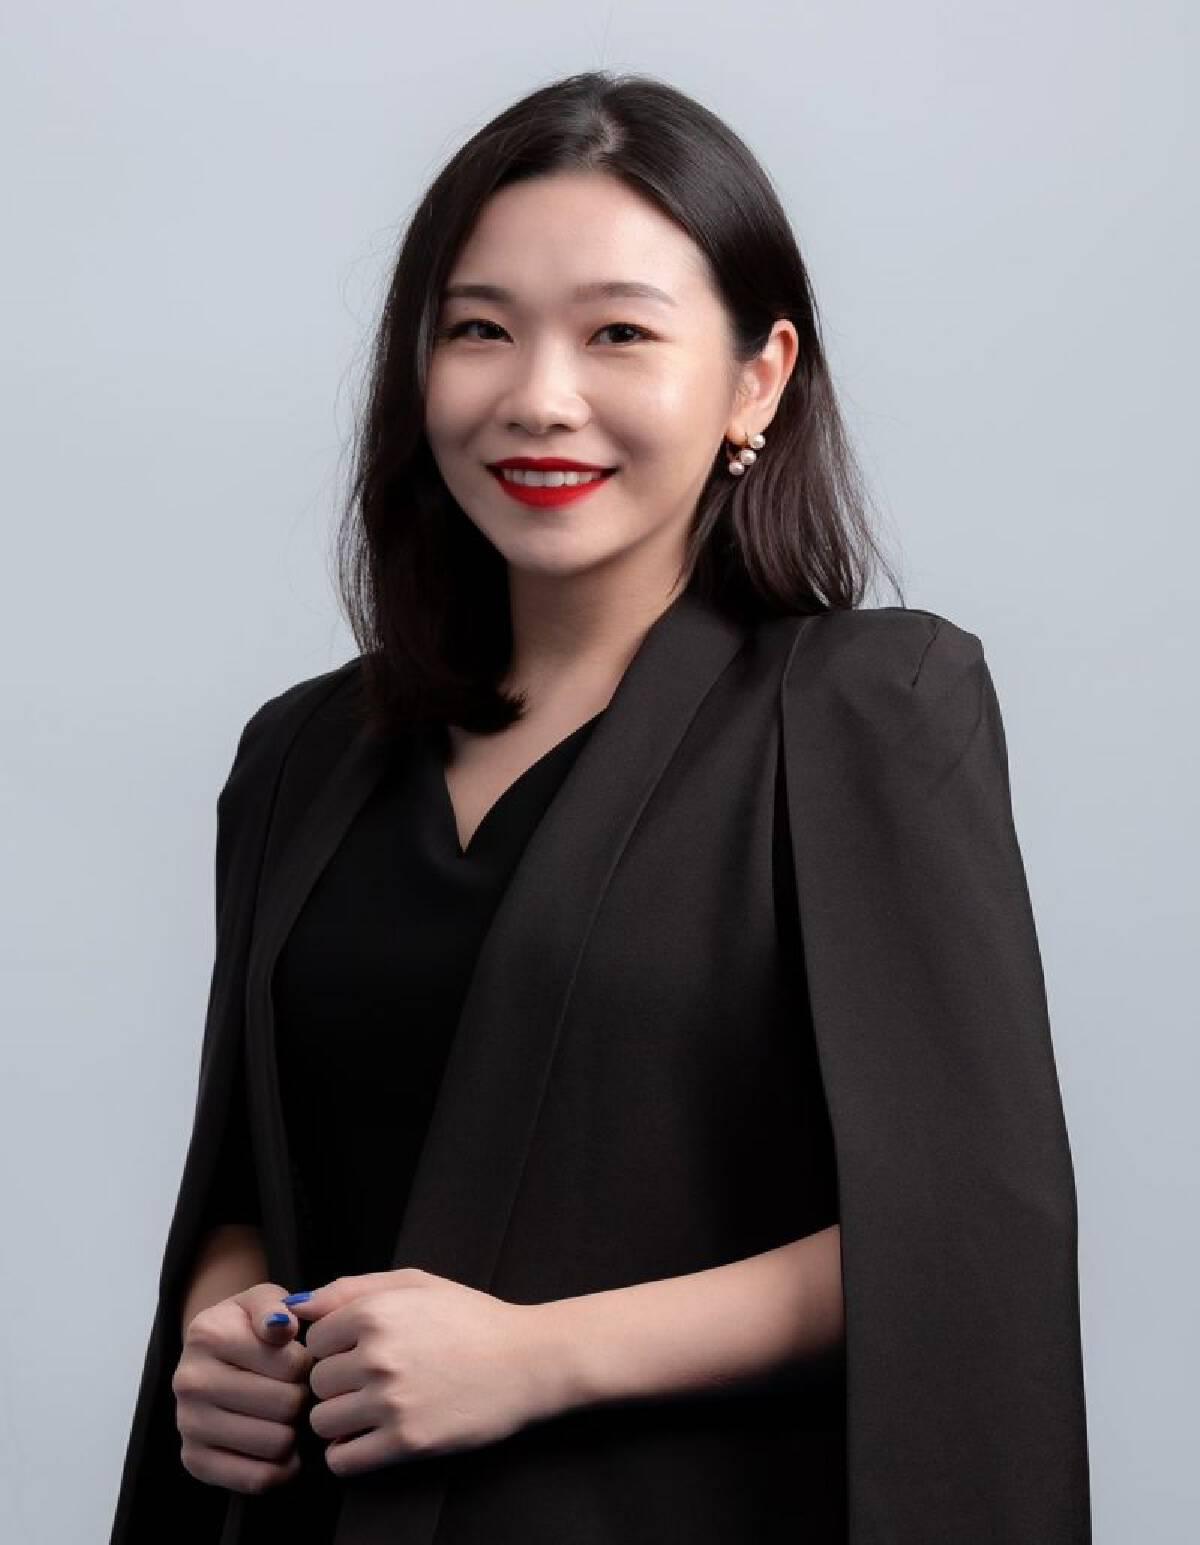 นางสาวภัทธิญา   ปฏิยัตต์โยธิน ผู้จัดการฝ่ายทรัพยากรบุคคลอาวุโส บริษัท คาร์โร (ประเทศไทย) จำกัด